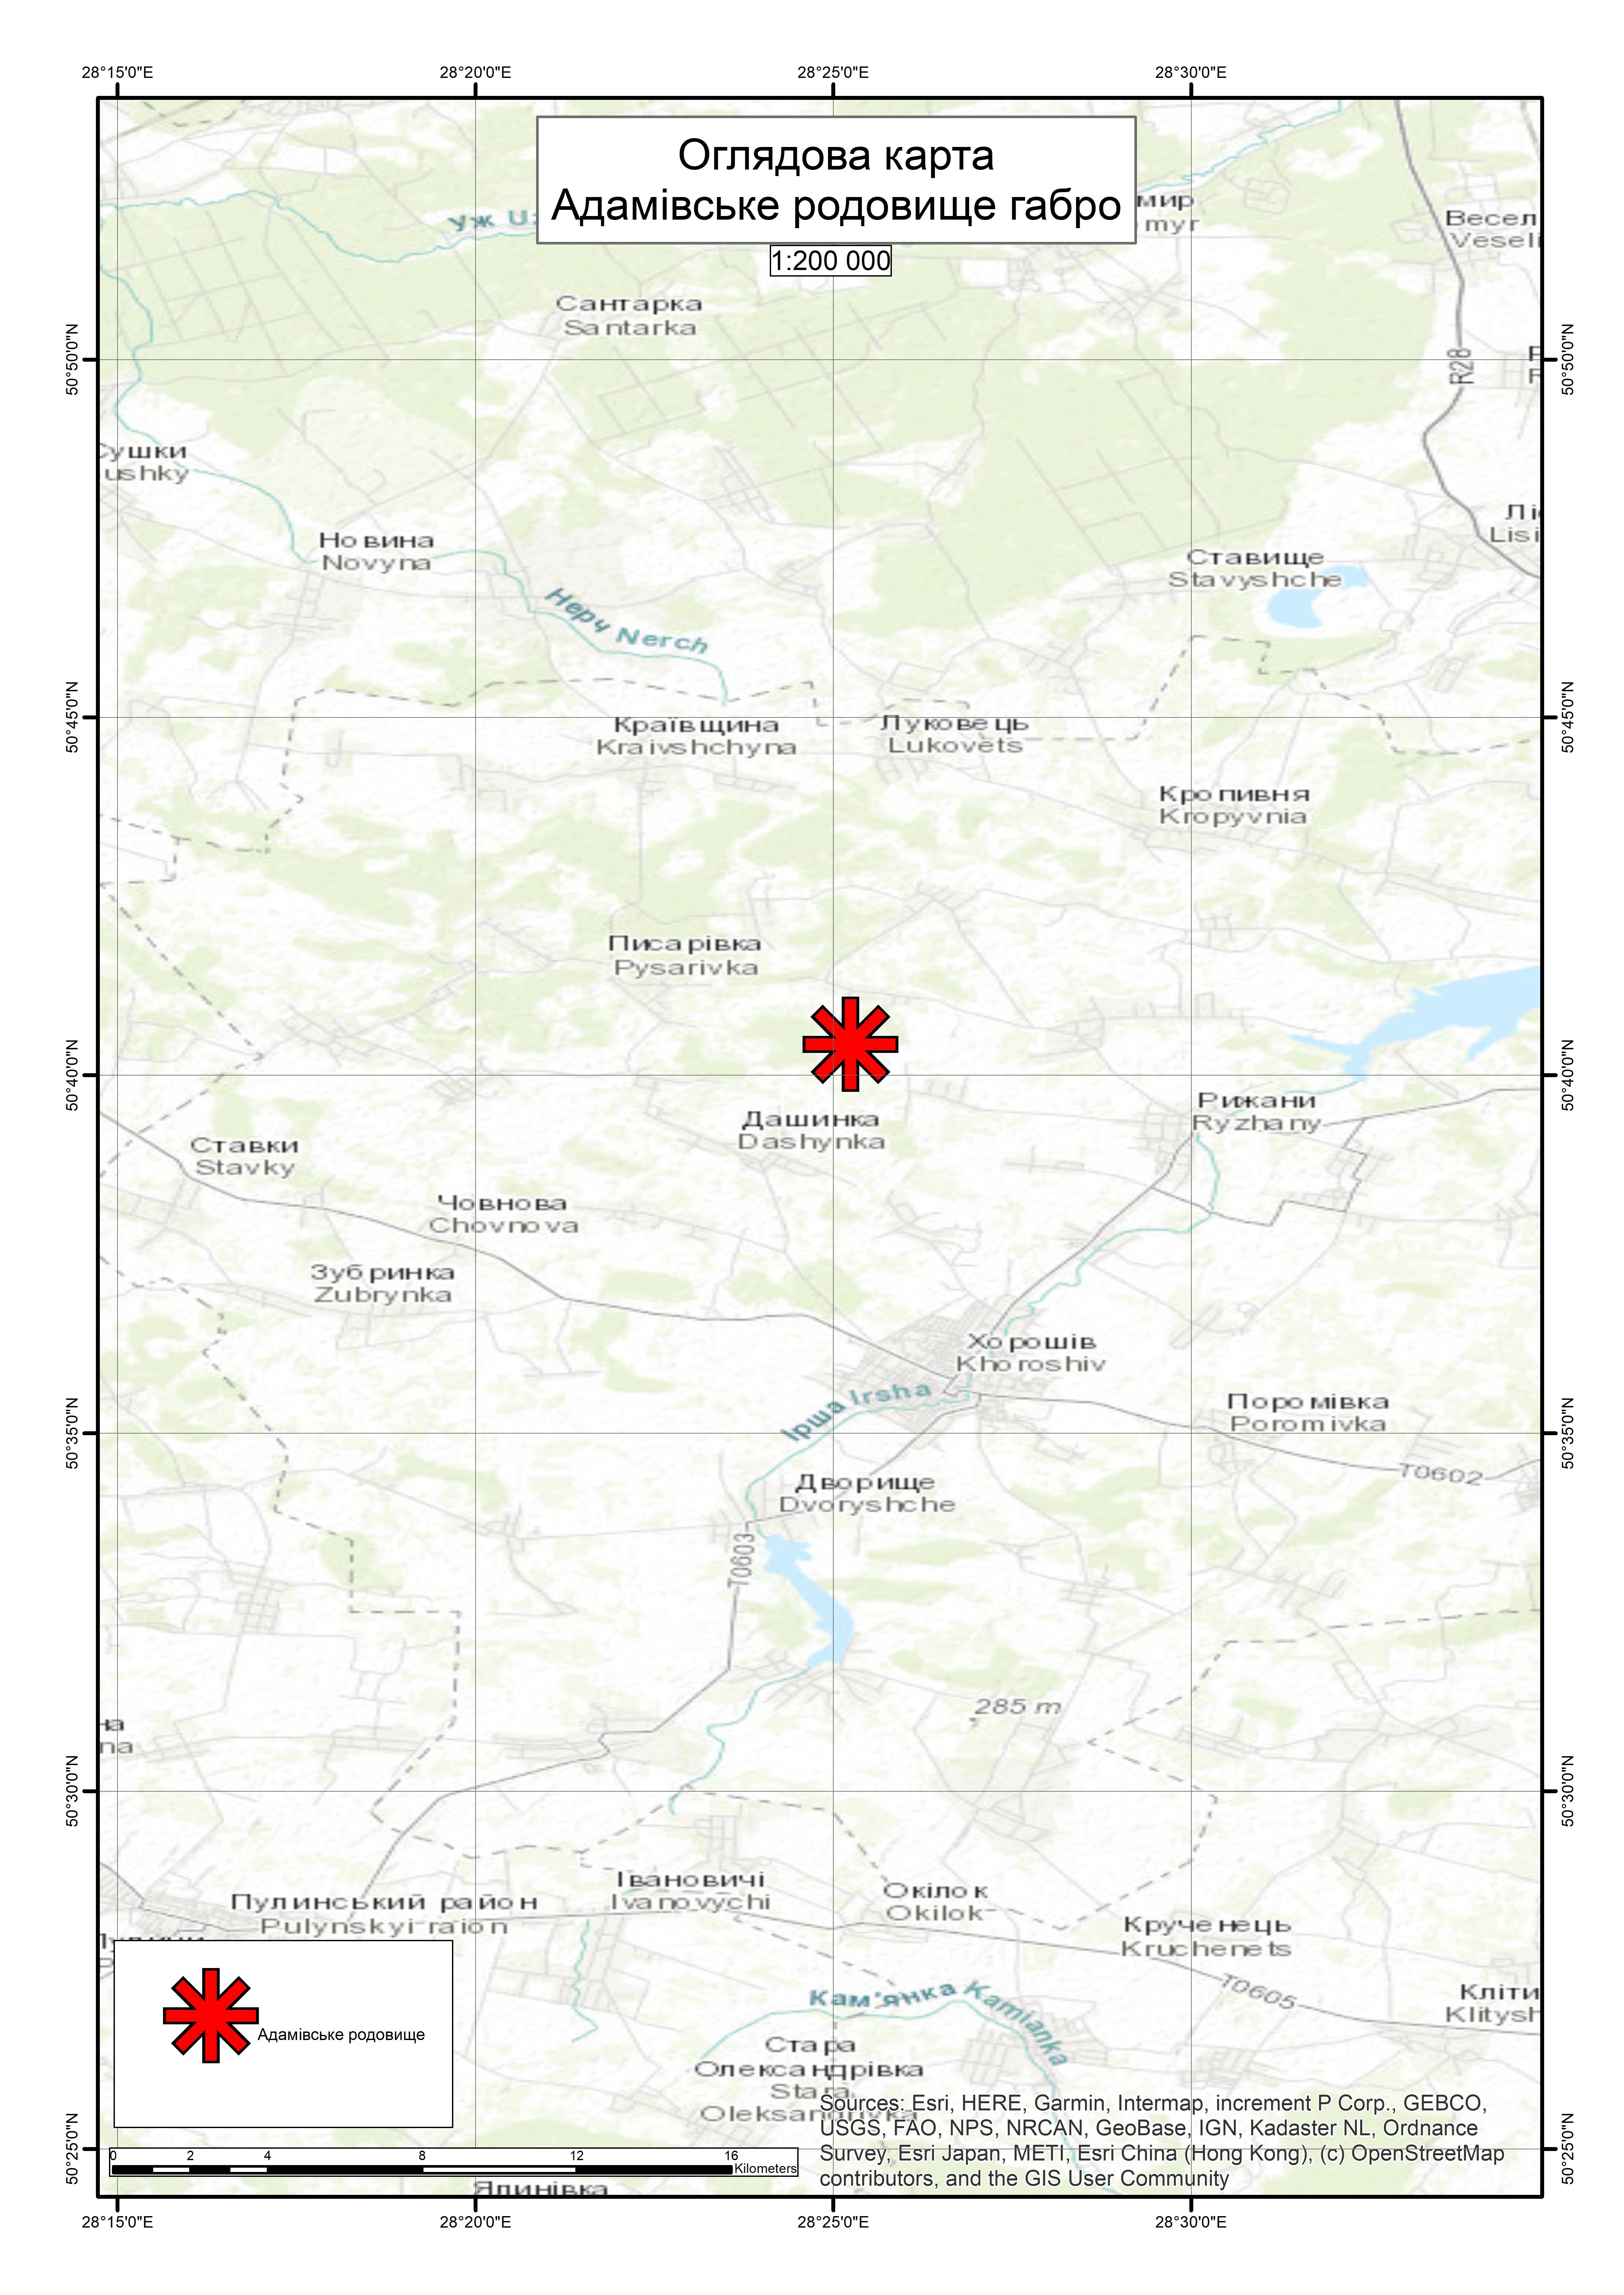 Спеціальний дозвіл на користування надрами – Адамівське родовище. Вартість геологічної інформації – 176 490,90 грн (з ПДВ). Вартість пакету аукціонної документації – 72 550 грн (з ПДВ).